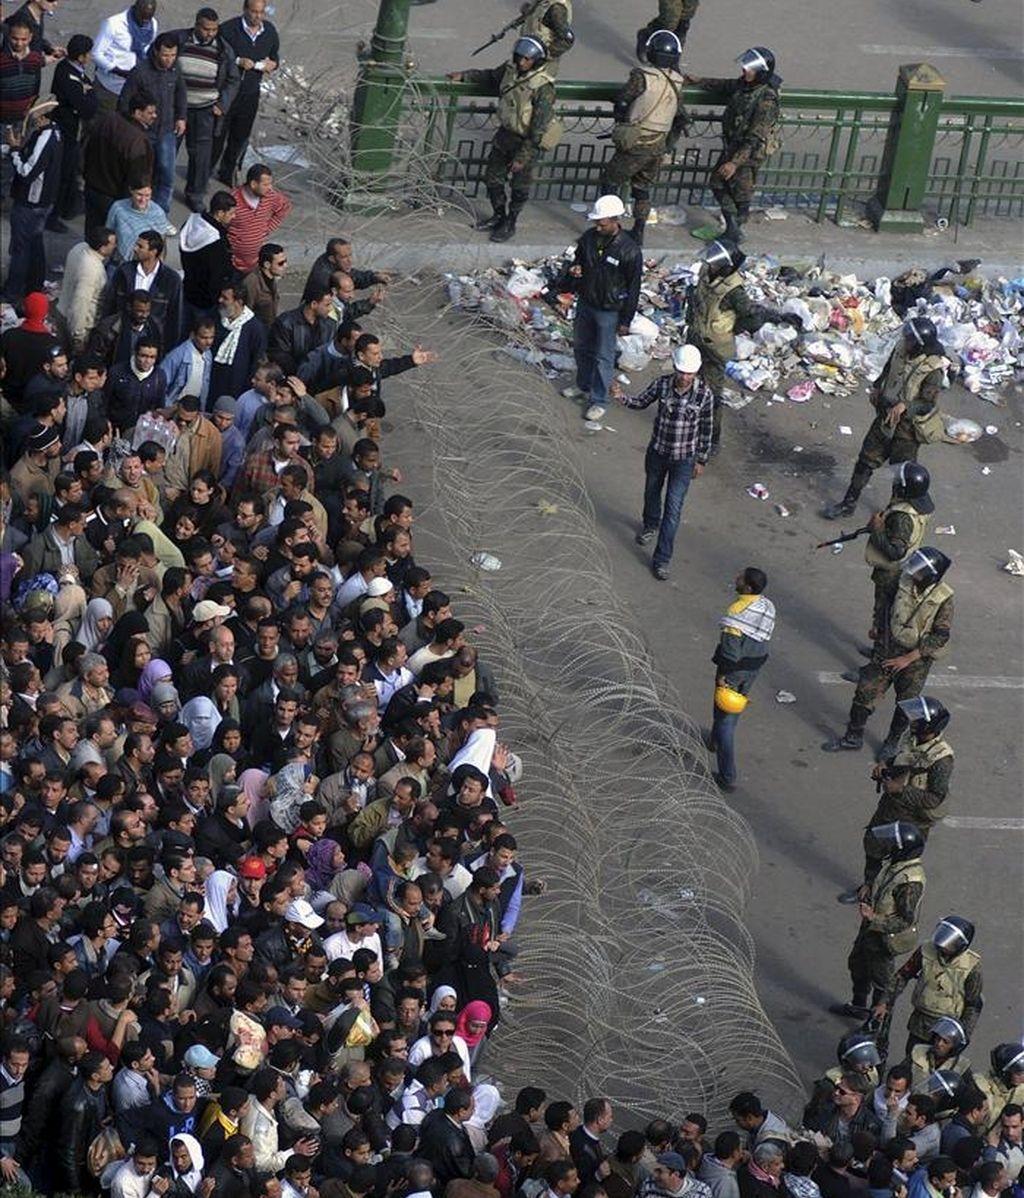 Una alambrada de espino contiene a los manifestantes egipcios que se congregaron hoy en la plaza Tahrir, en el centro de la capital. EFE/Archivo